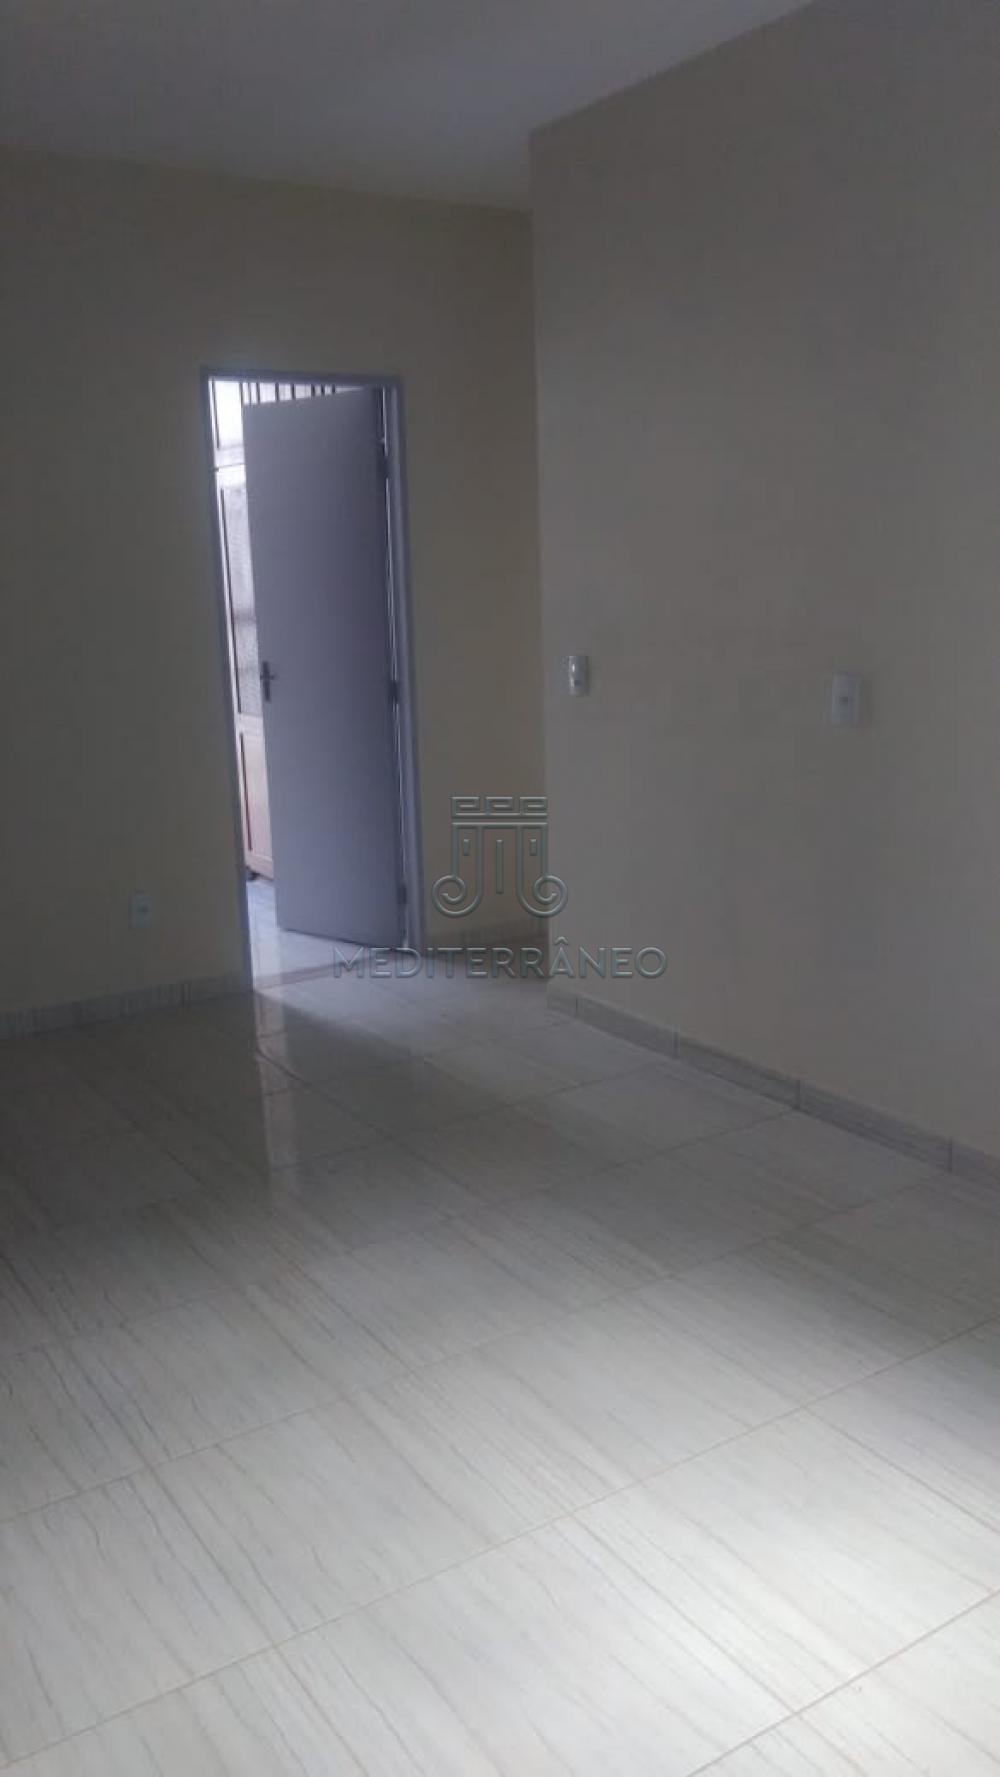 Alugar Apartamento / Padrão em Jundiaí apenas R$ 1.000,00 - Foto 11